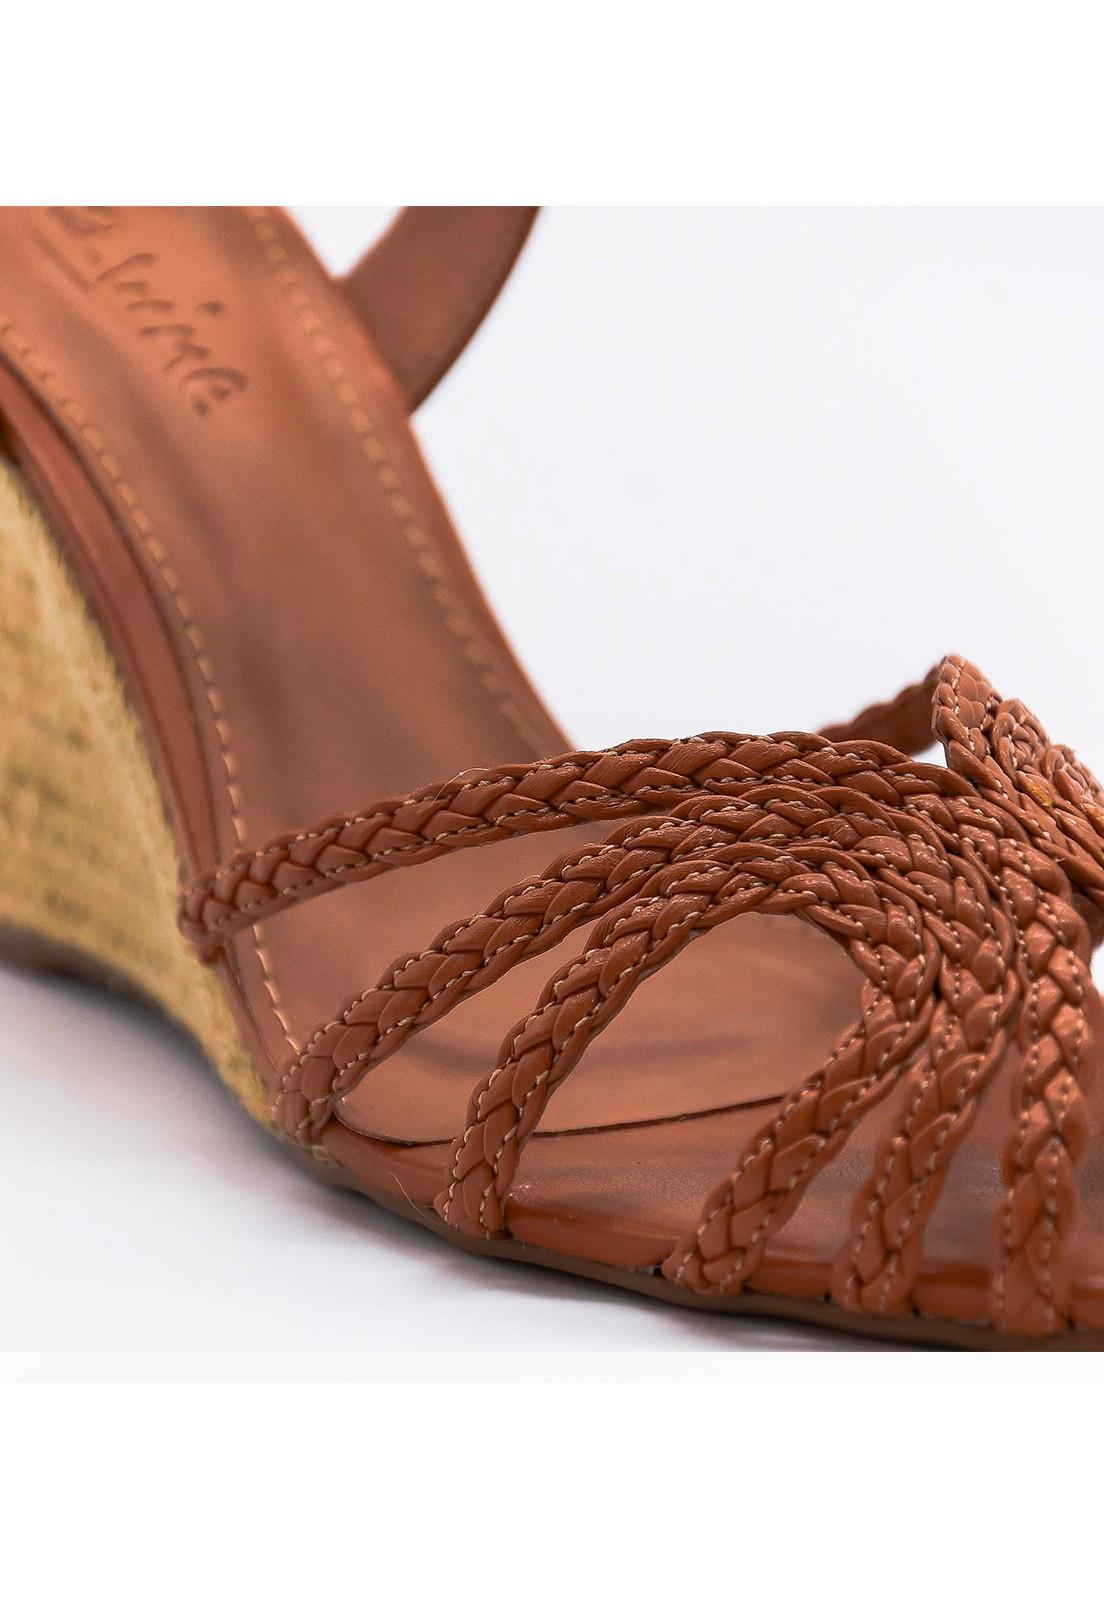 Sandália anabela em couro caramelo